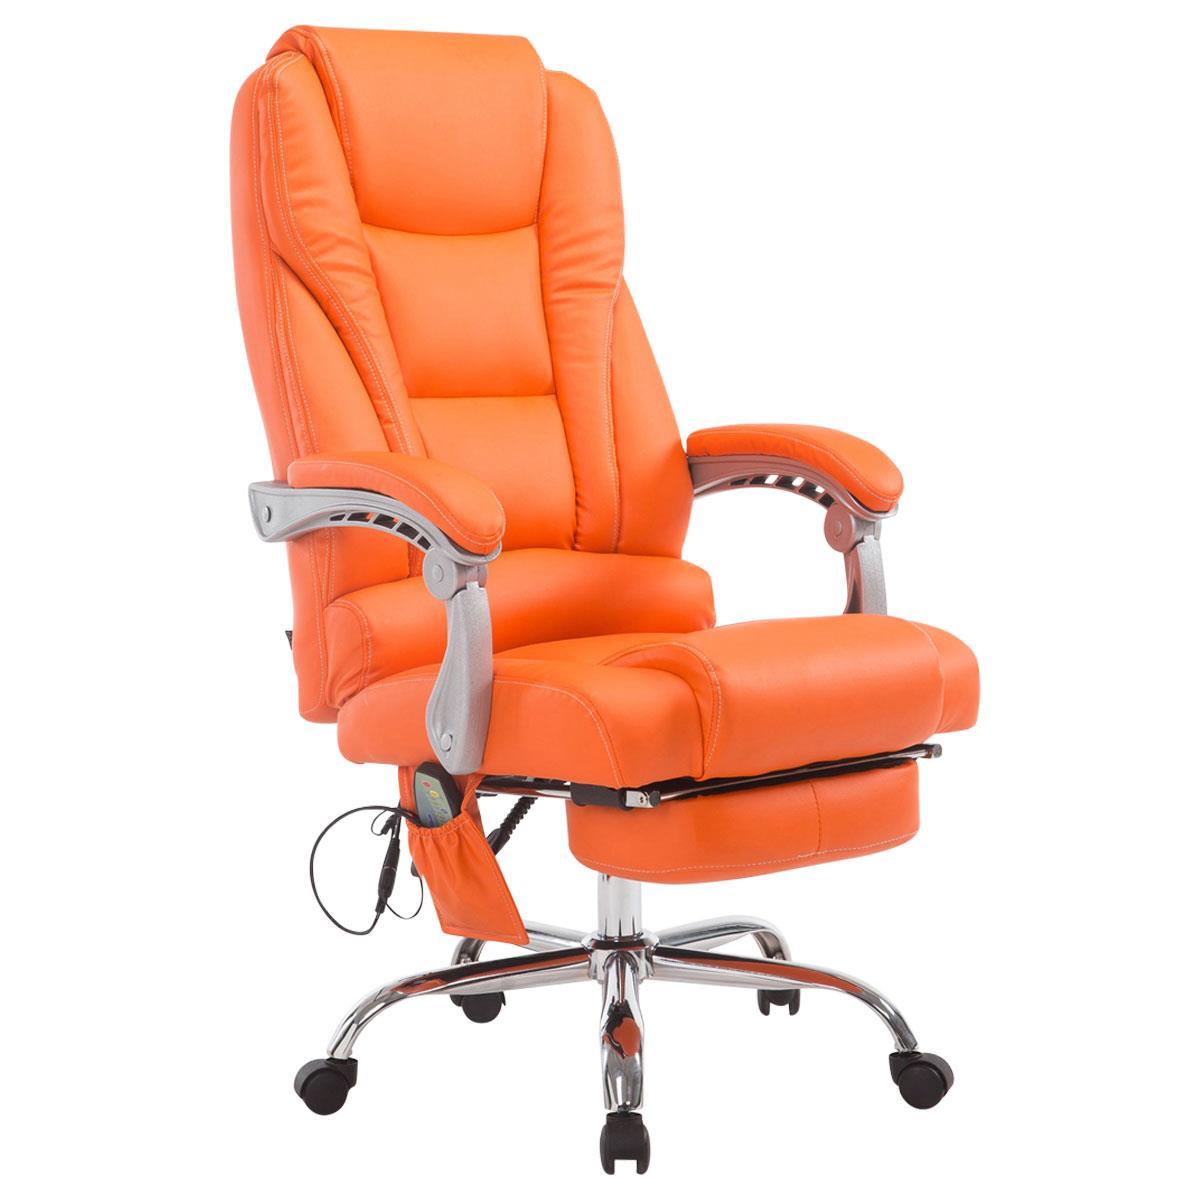 Poltrona da ufficio comodity massage spessa imbottitura for Poltrona ufficio con poggiapiedi